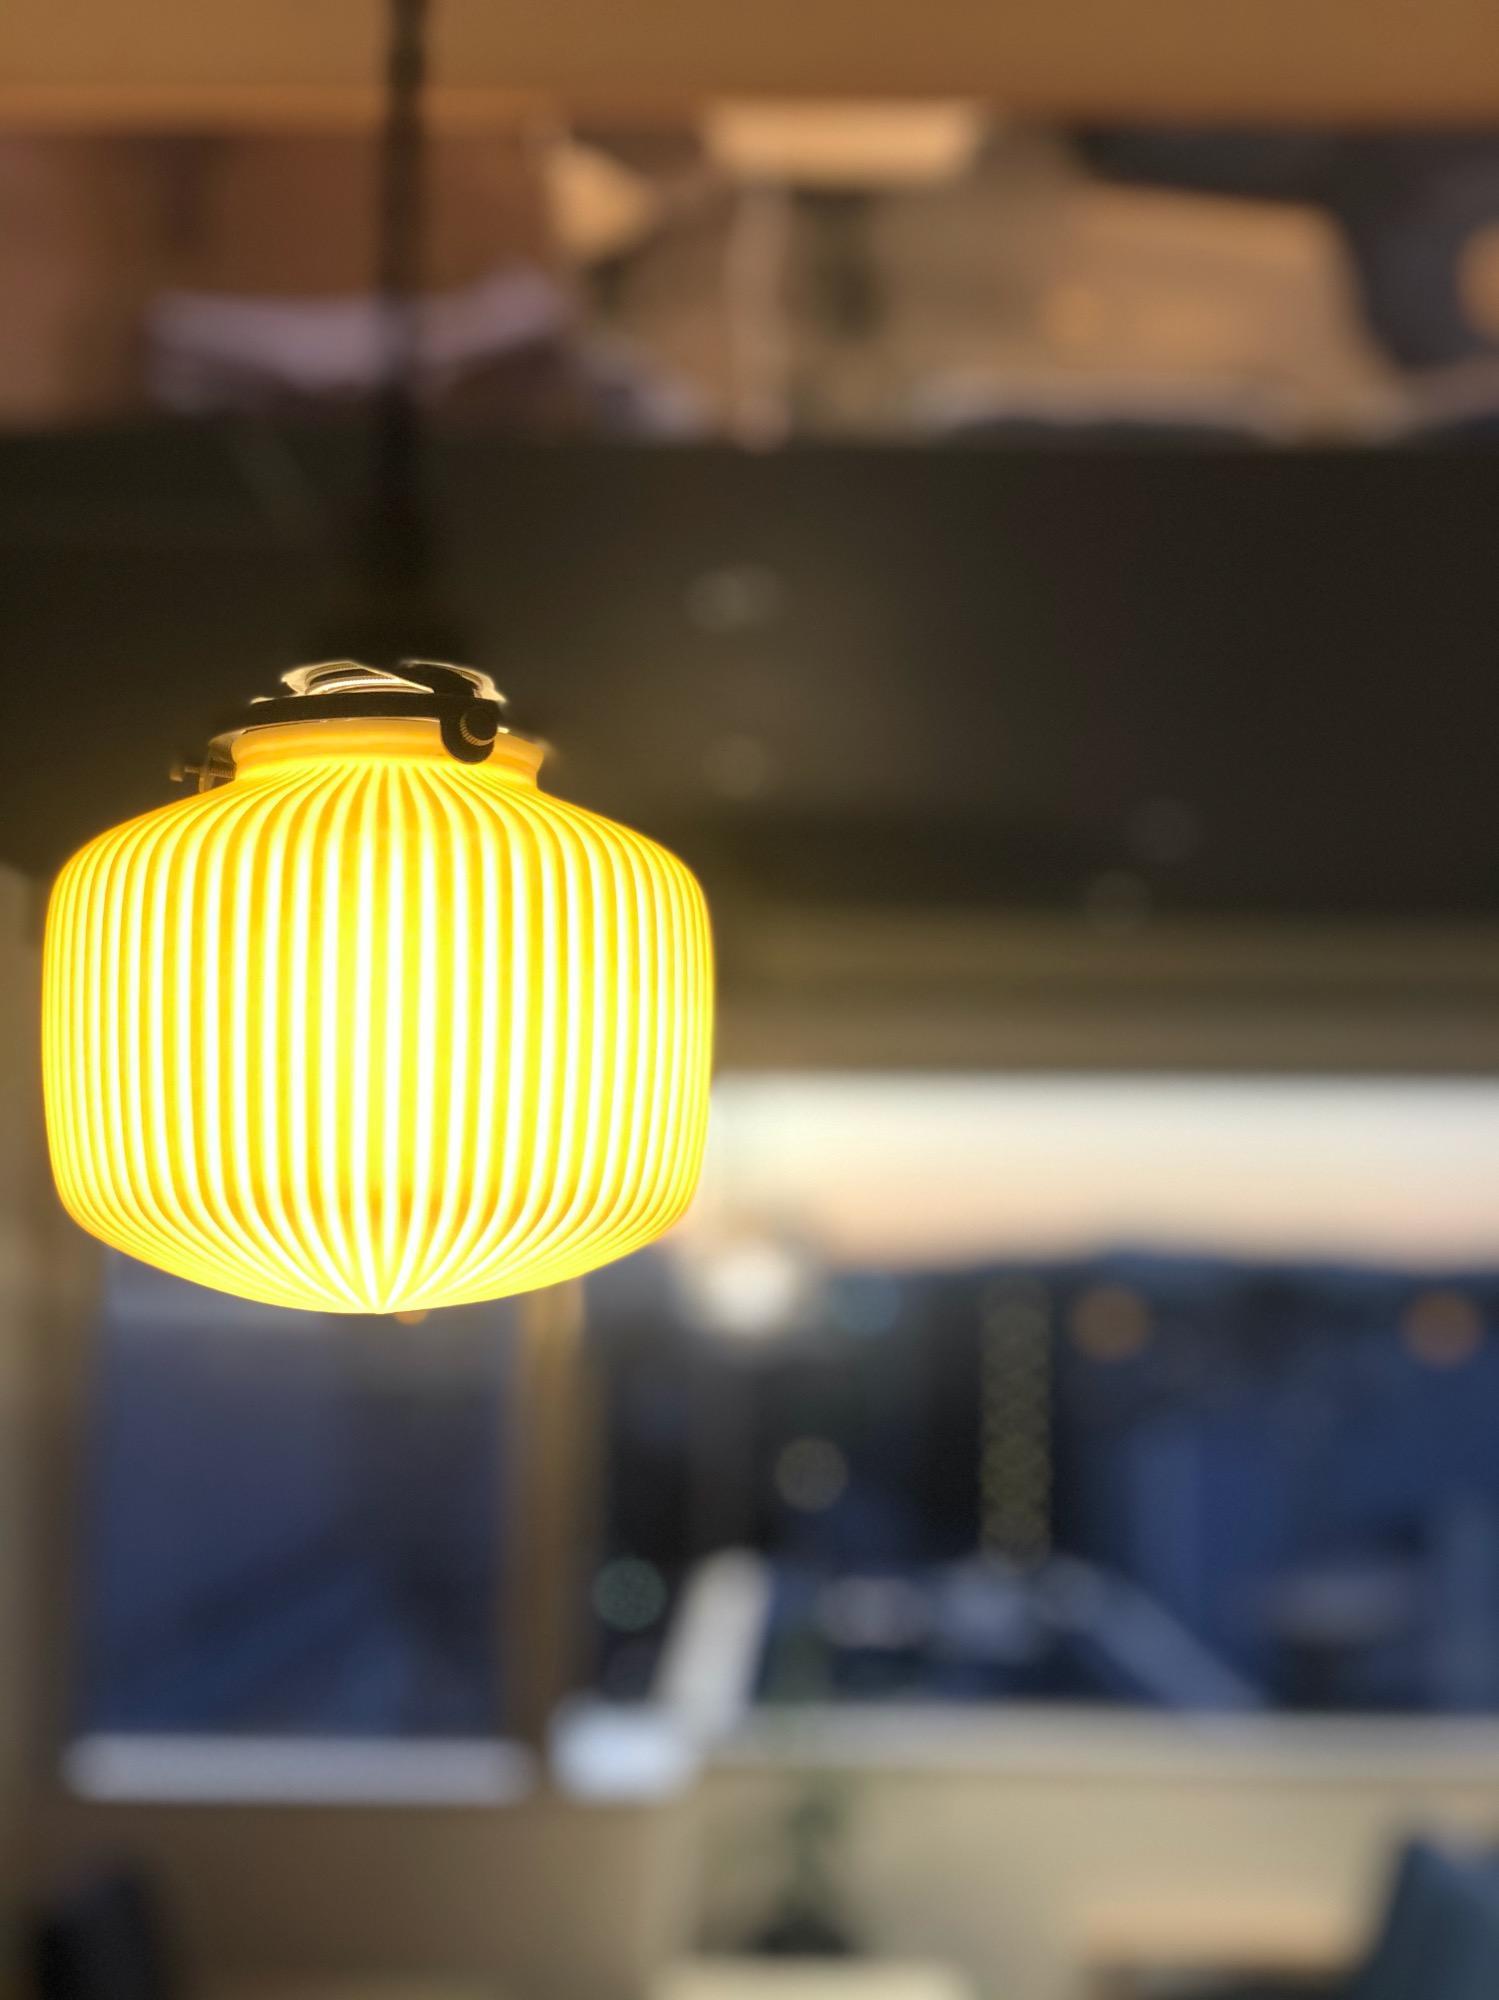 京都が意識された落ち着きつつ洒落た照明達